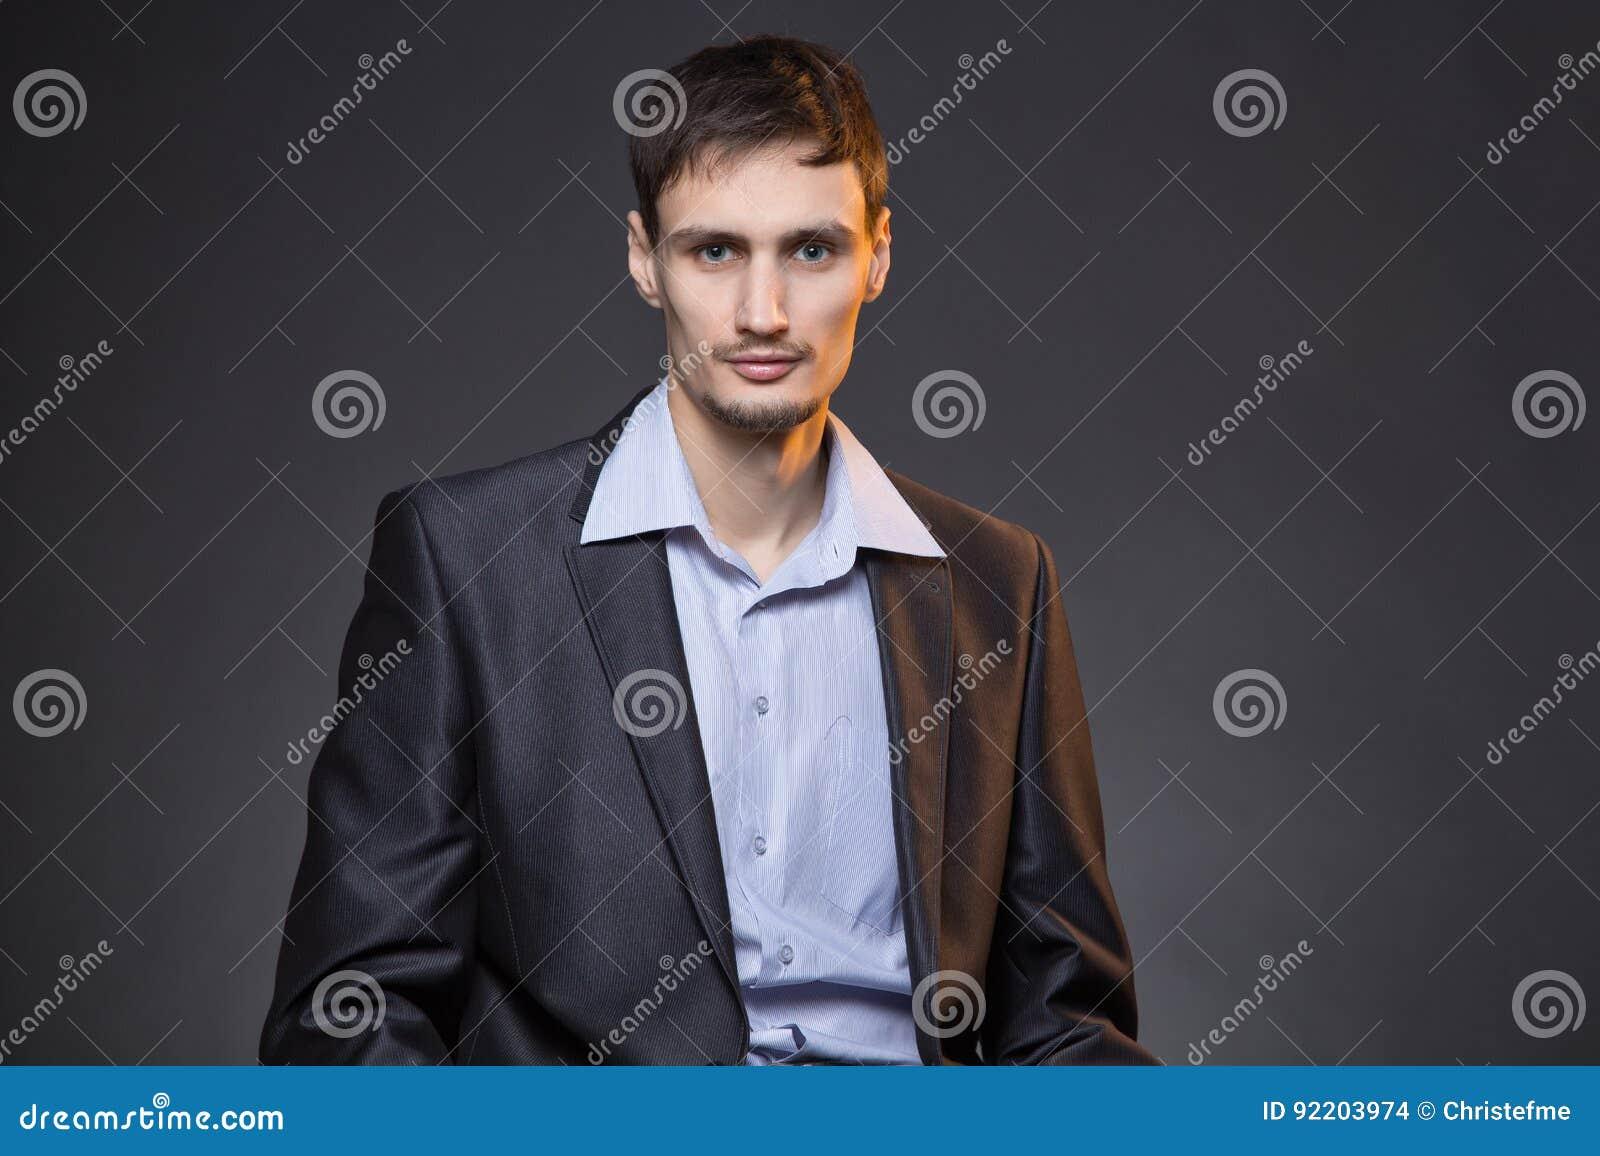 Σοβαρός επιχειρηματίας Brunette στο σακάκι Στοκ Εικόνες - εικόνα από ... 8ac21fe4049